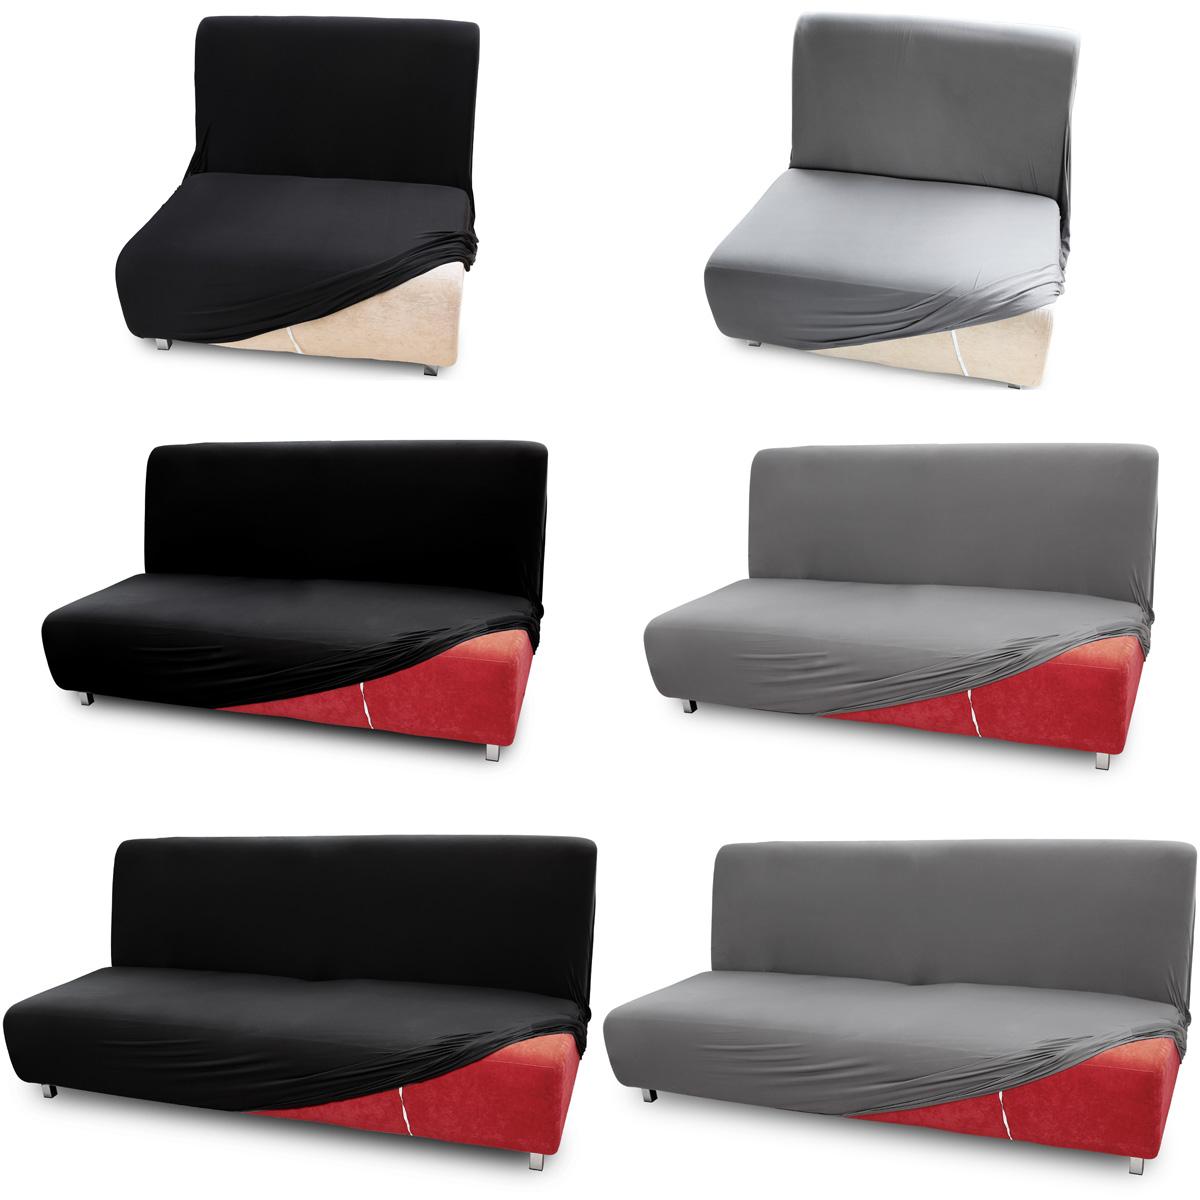 Fundas para sof s cama clic clac brazos de madera funda for Sofas de 3 plazas